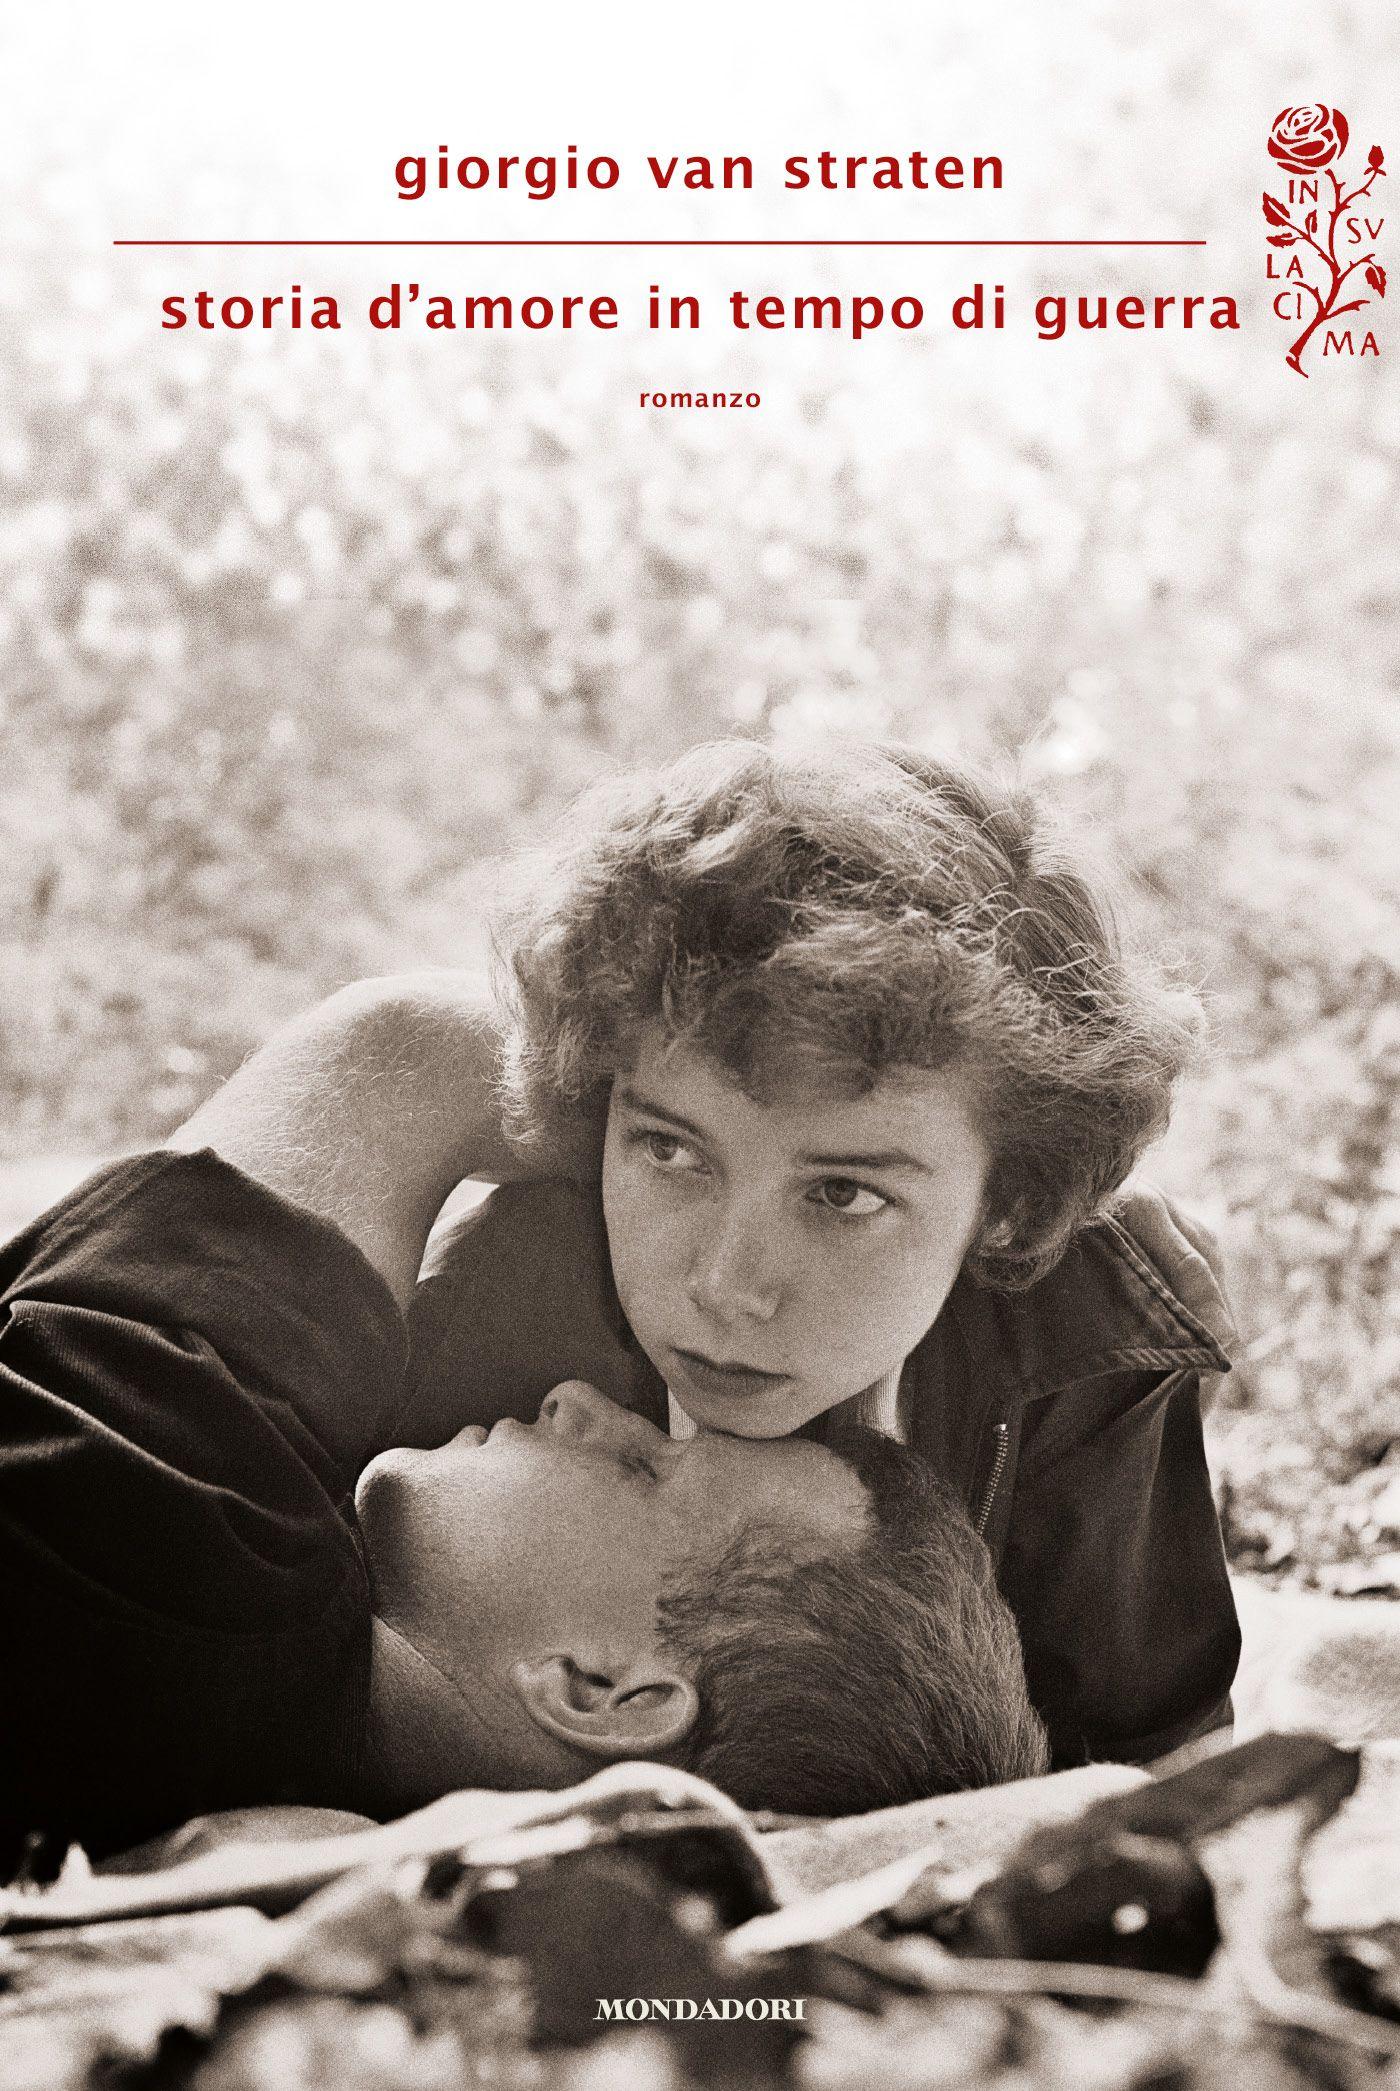 Giorgio Van Straten, Storia d'amore in tempo di guerra